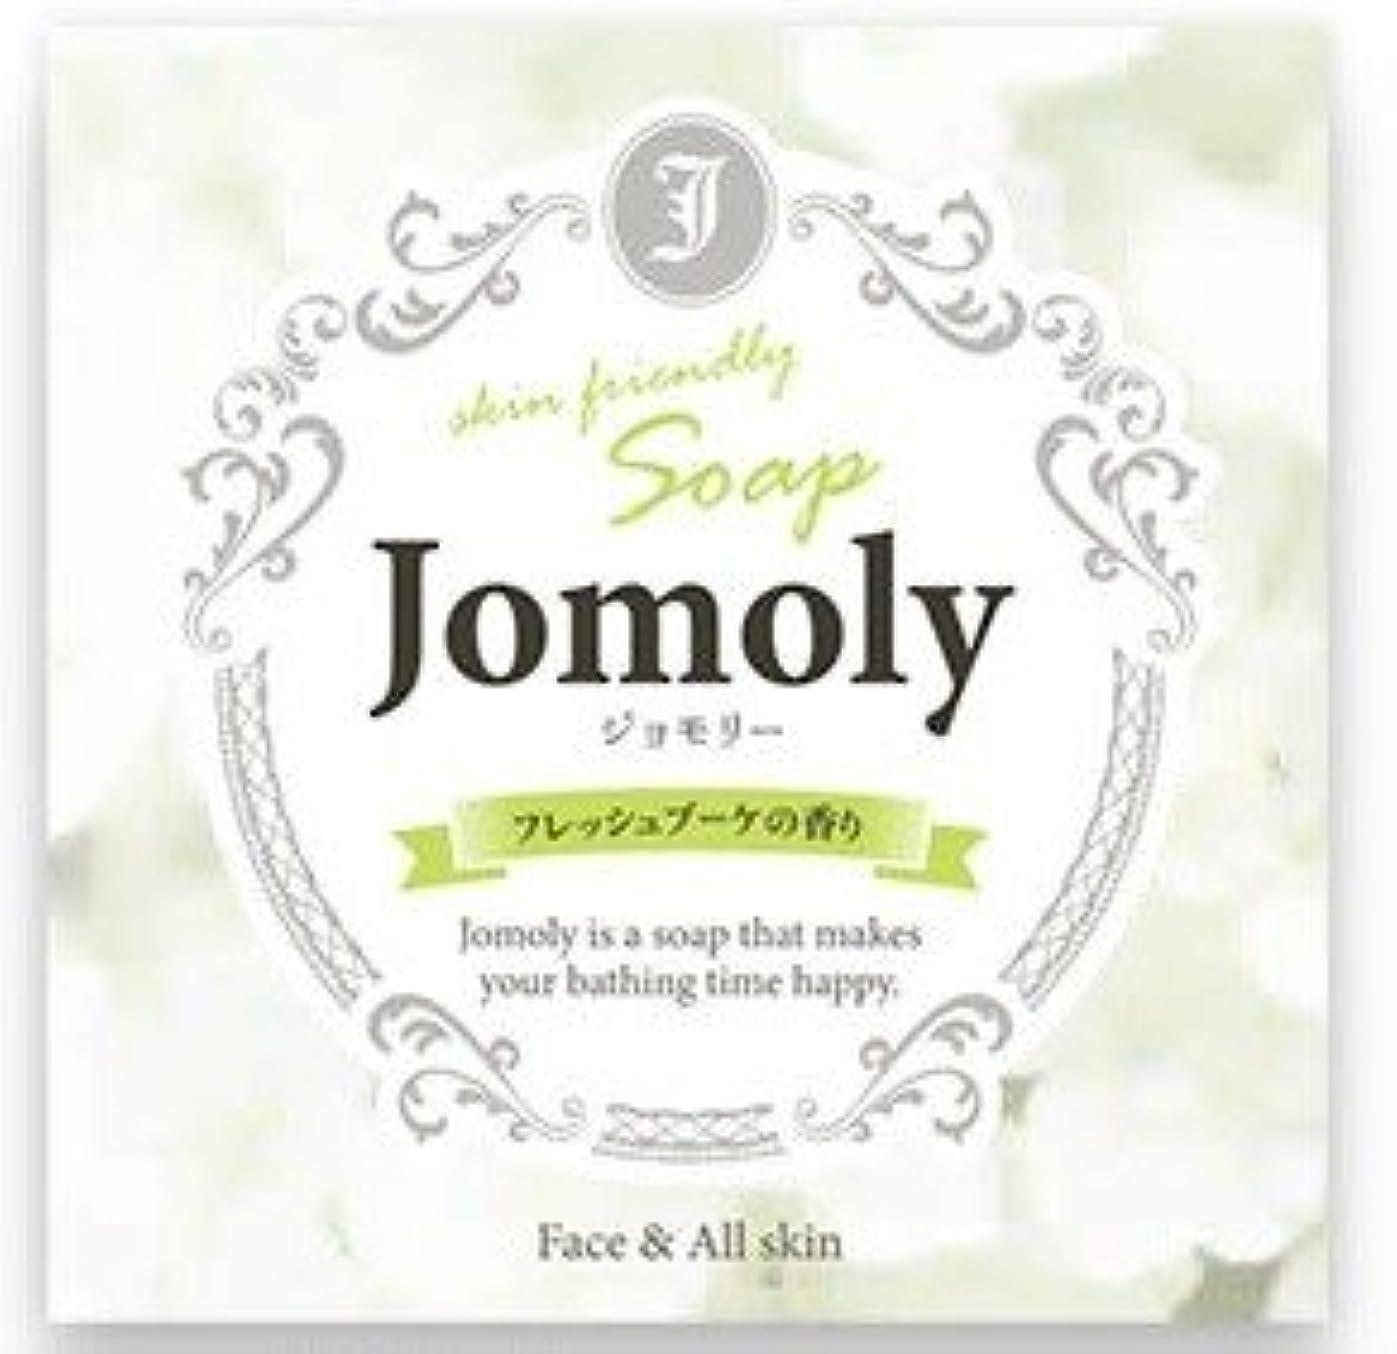 アセンブリタッチ月Jomoly(ジョモリー)80g